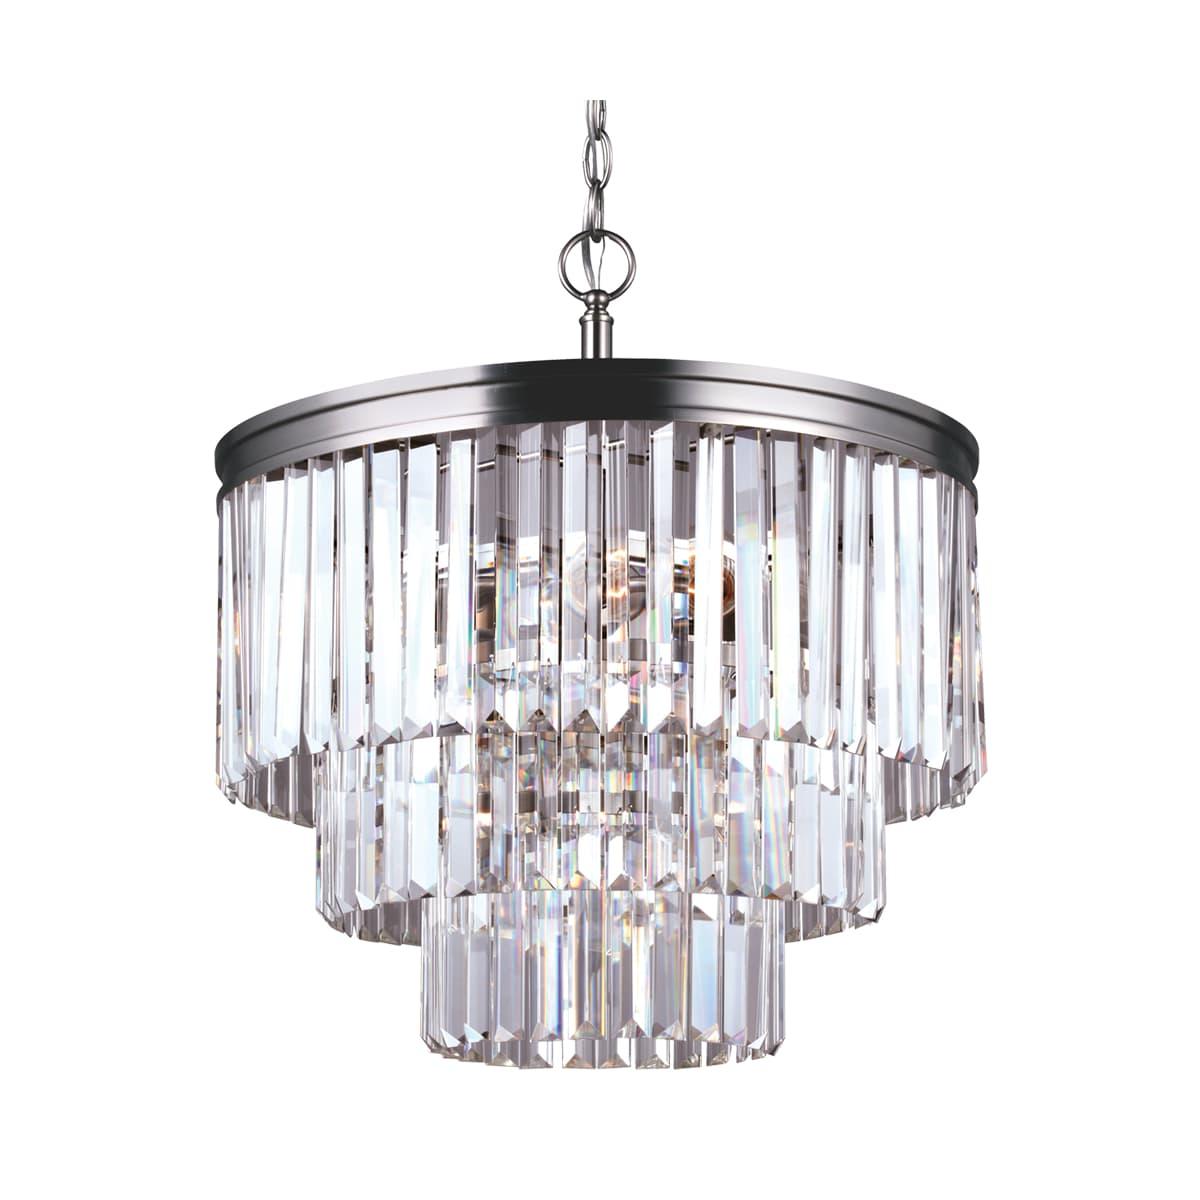 Sea Gull Lighting 3114004